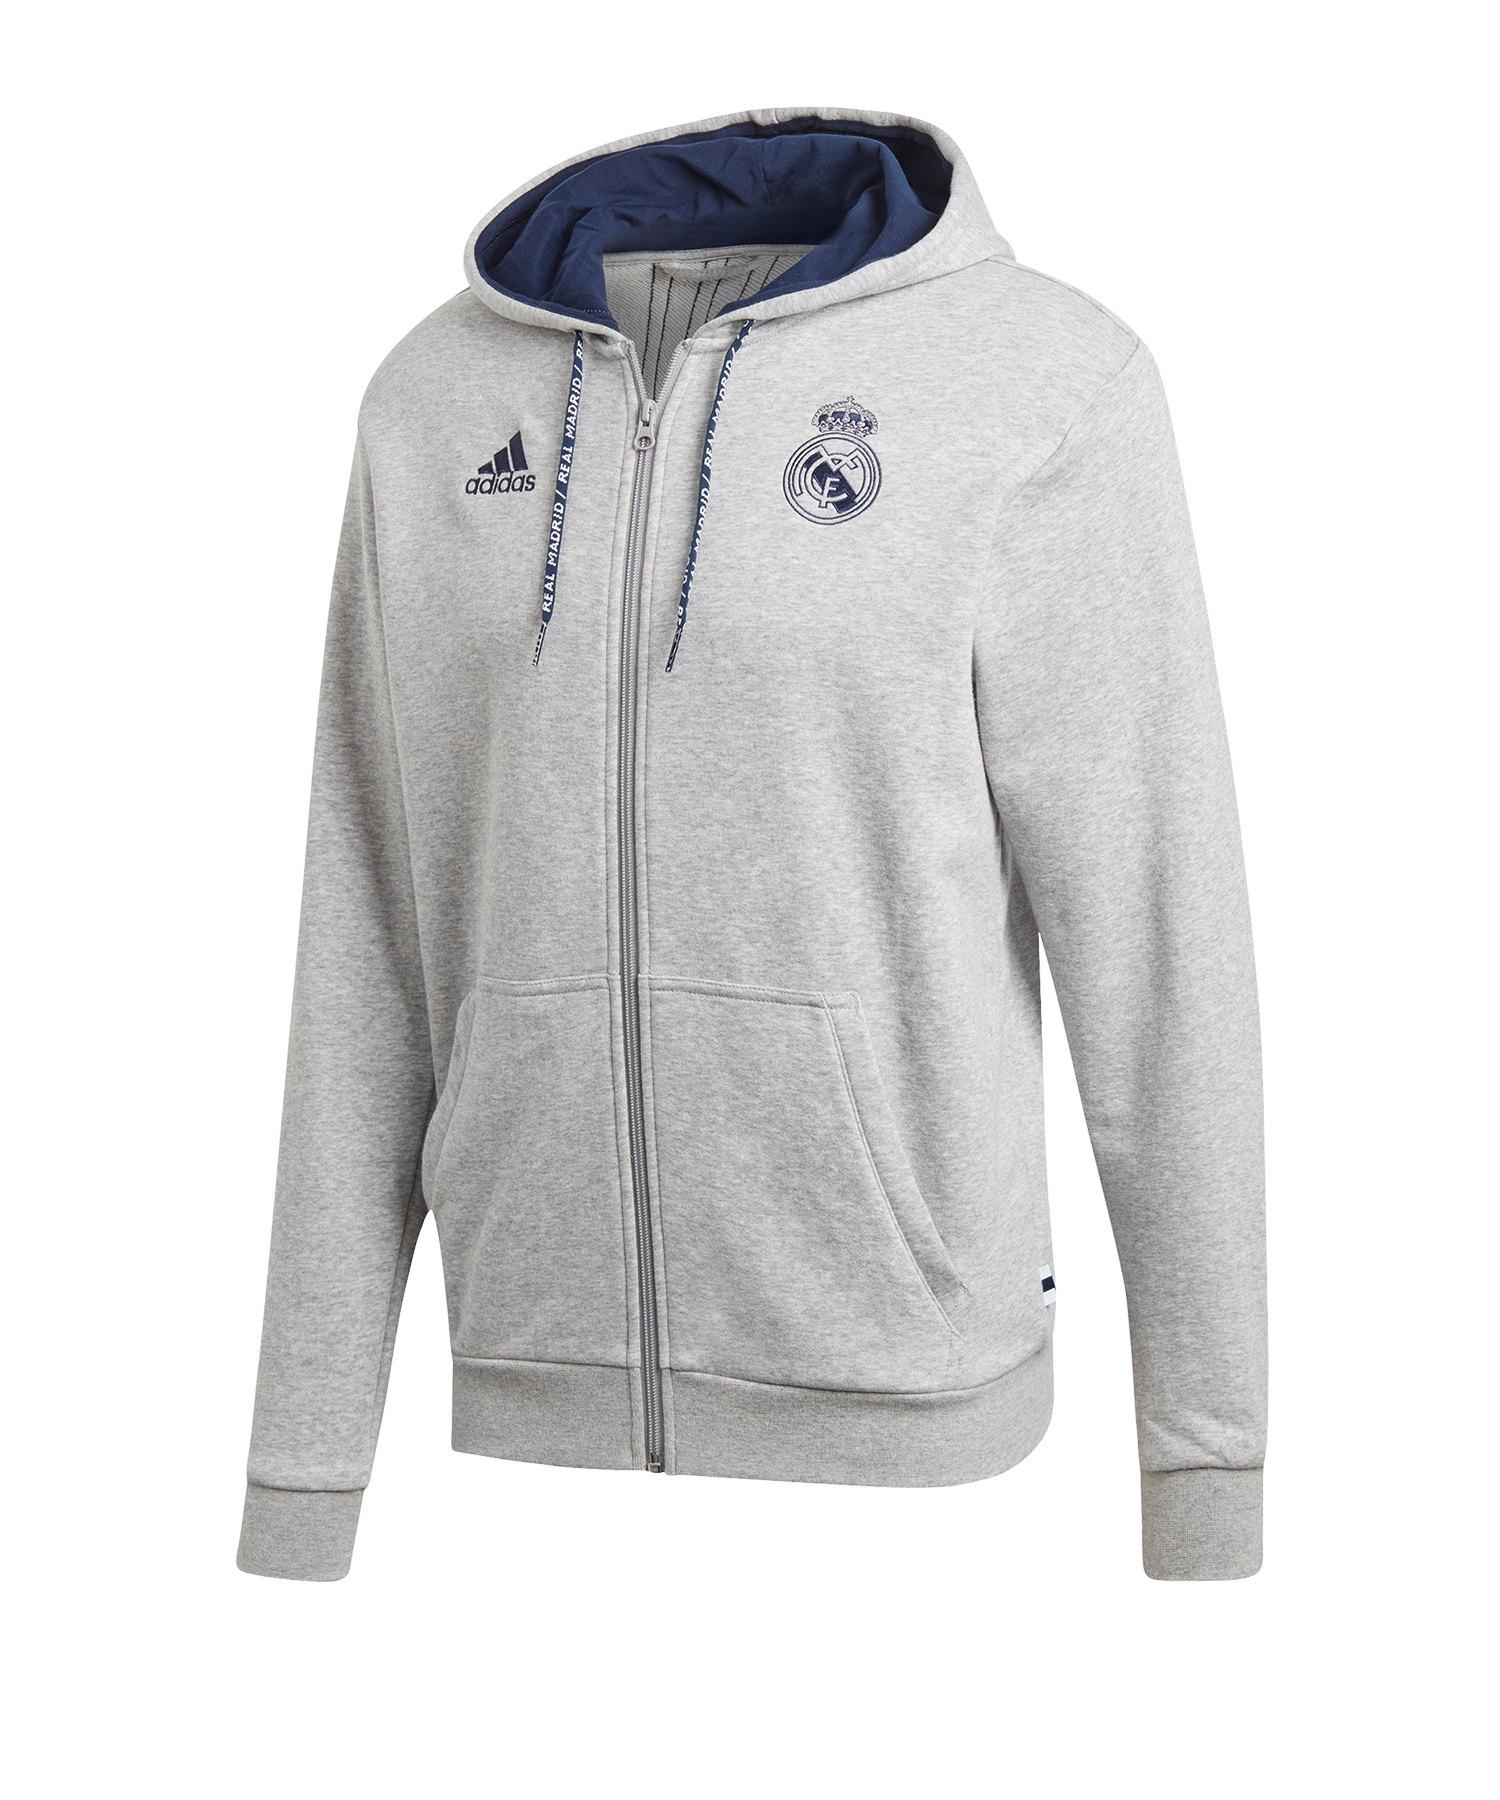 adidas Real Madrid Kapuzenjacke Grau - Grau